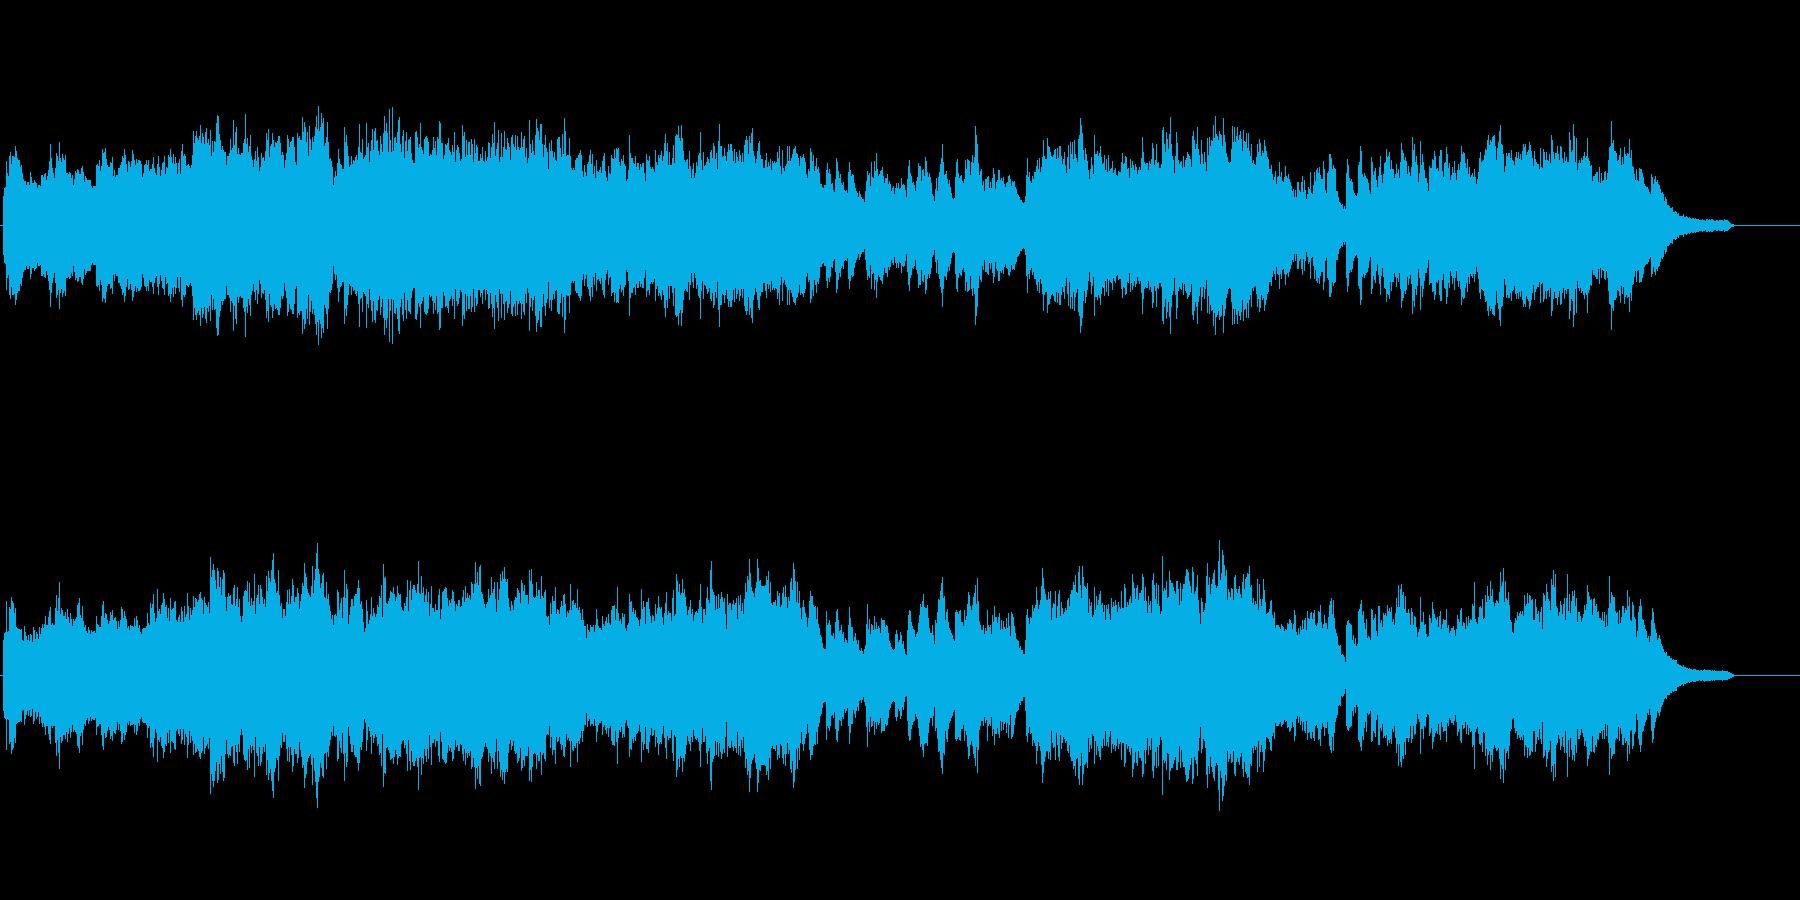 激しく情熱的な現代的なピアノ楽曲の再生済みの波形